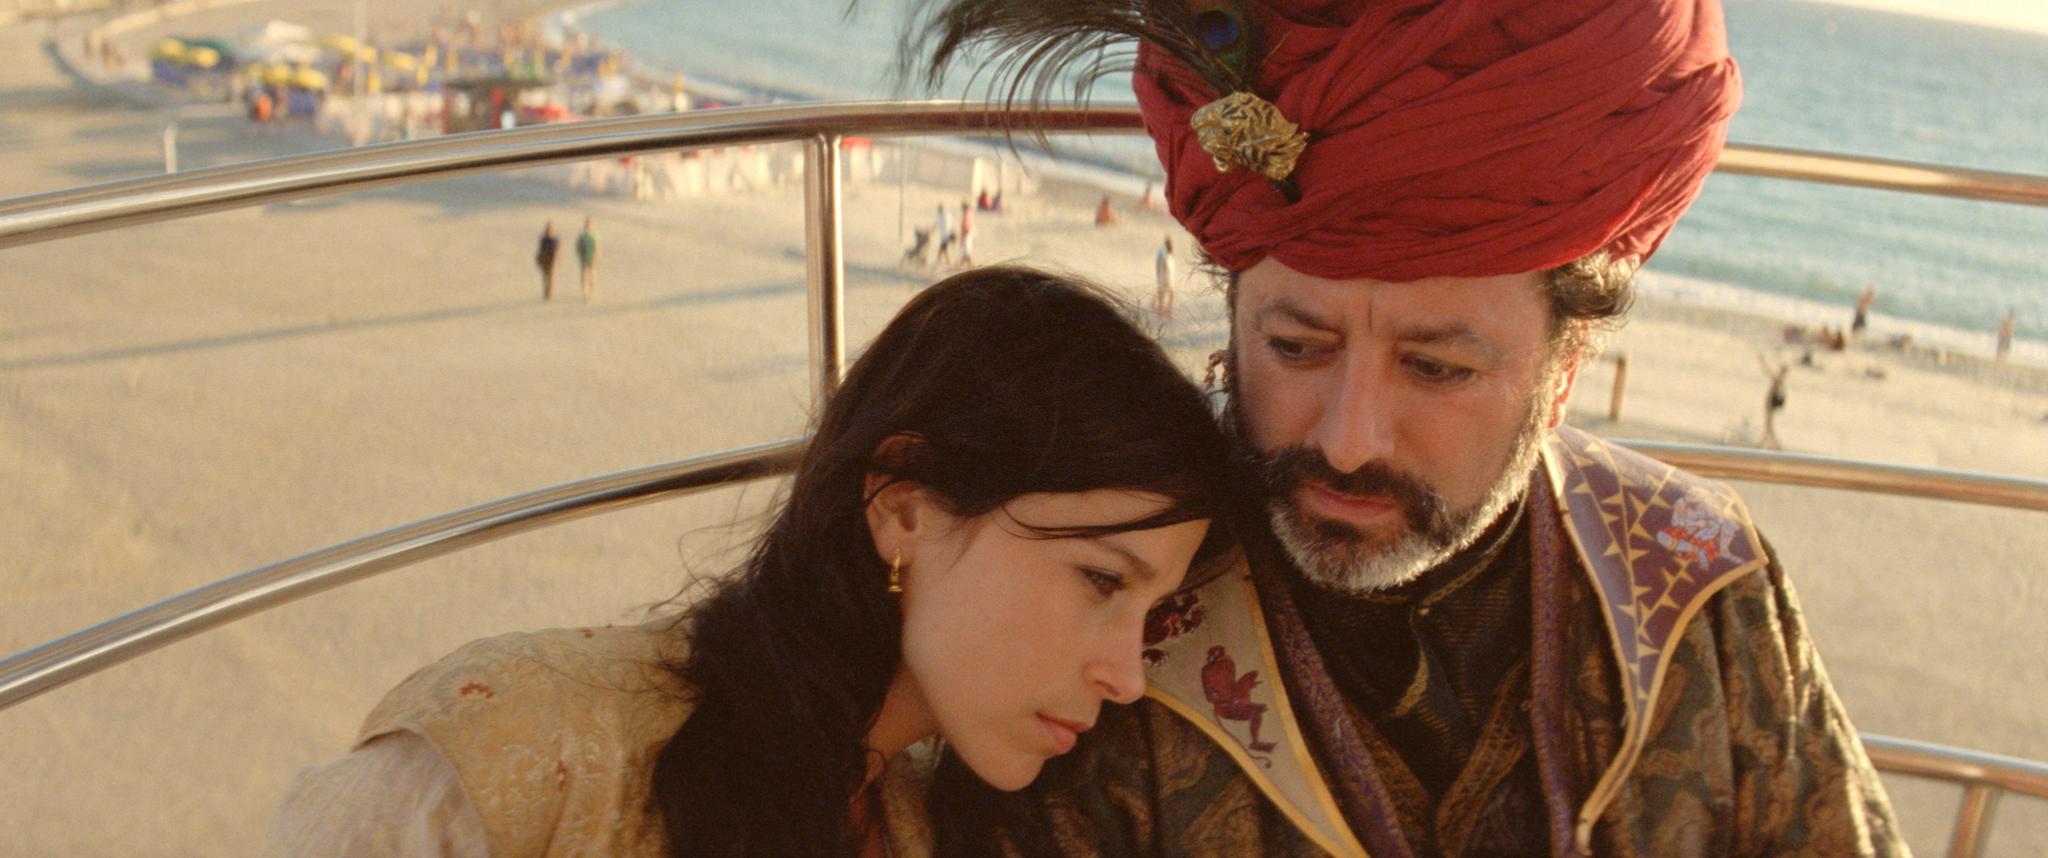 """Miguel Gomes, """" Tysiąc i jedna noc – część trzecia, oczarowany"""" – kadr z filmu (źródło: materiały prasowe)"""